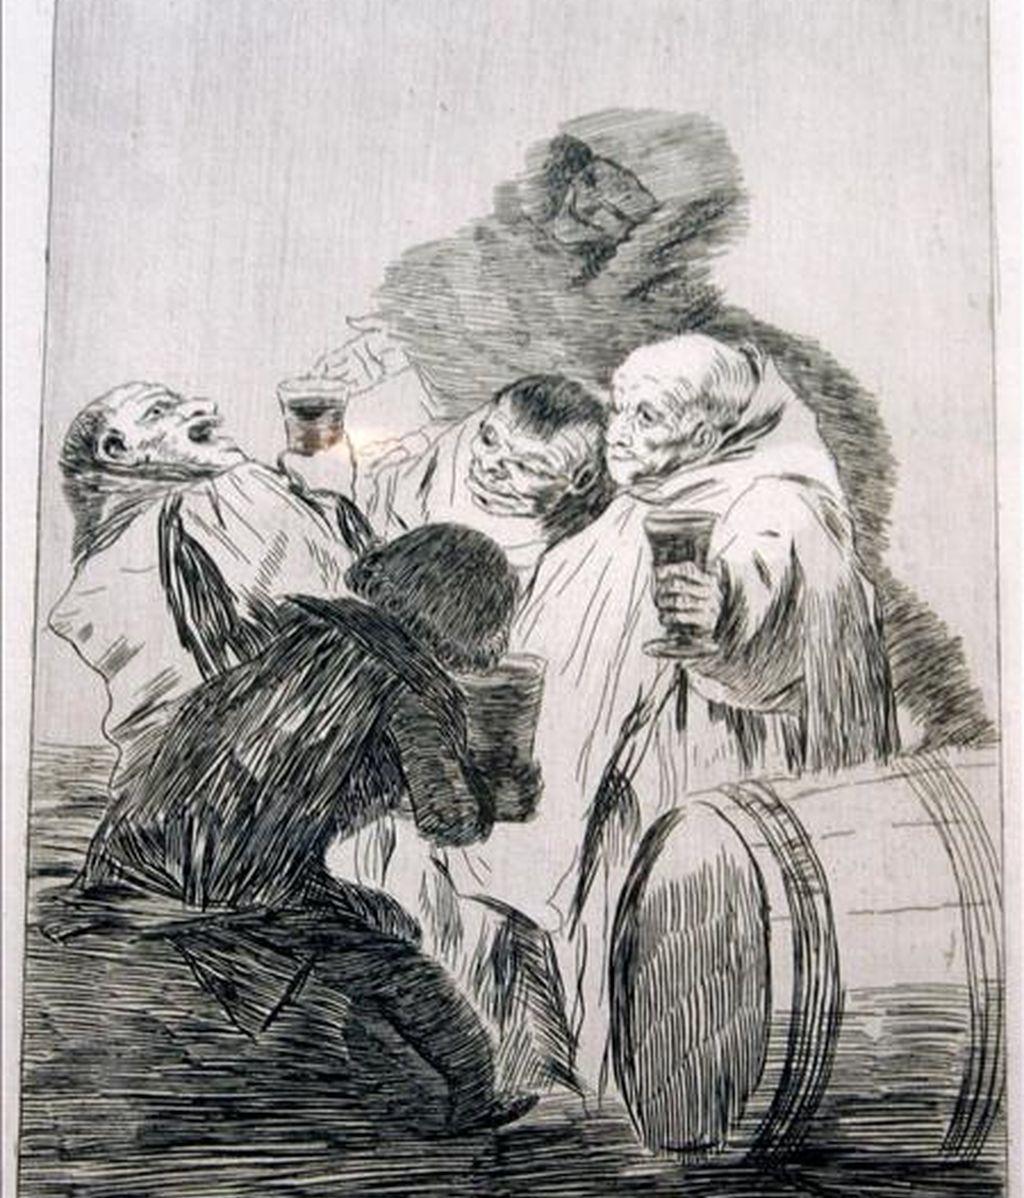 """El Museo Reina Sofía ha pedido al Museo del Prado 12 grabados de Goya, de ellos 7 """"caprichos"""", para incorporarlos a su colección en régimen de préstamo. En la imagen, uno de los grabados de la colección """"Los Caprichos de Goya"""". EFE/Archivo"""